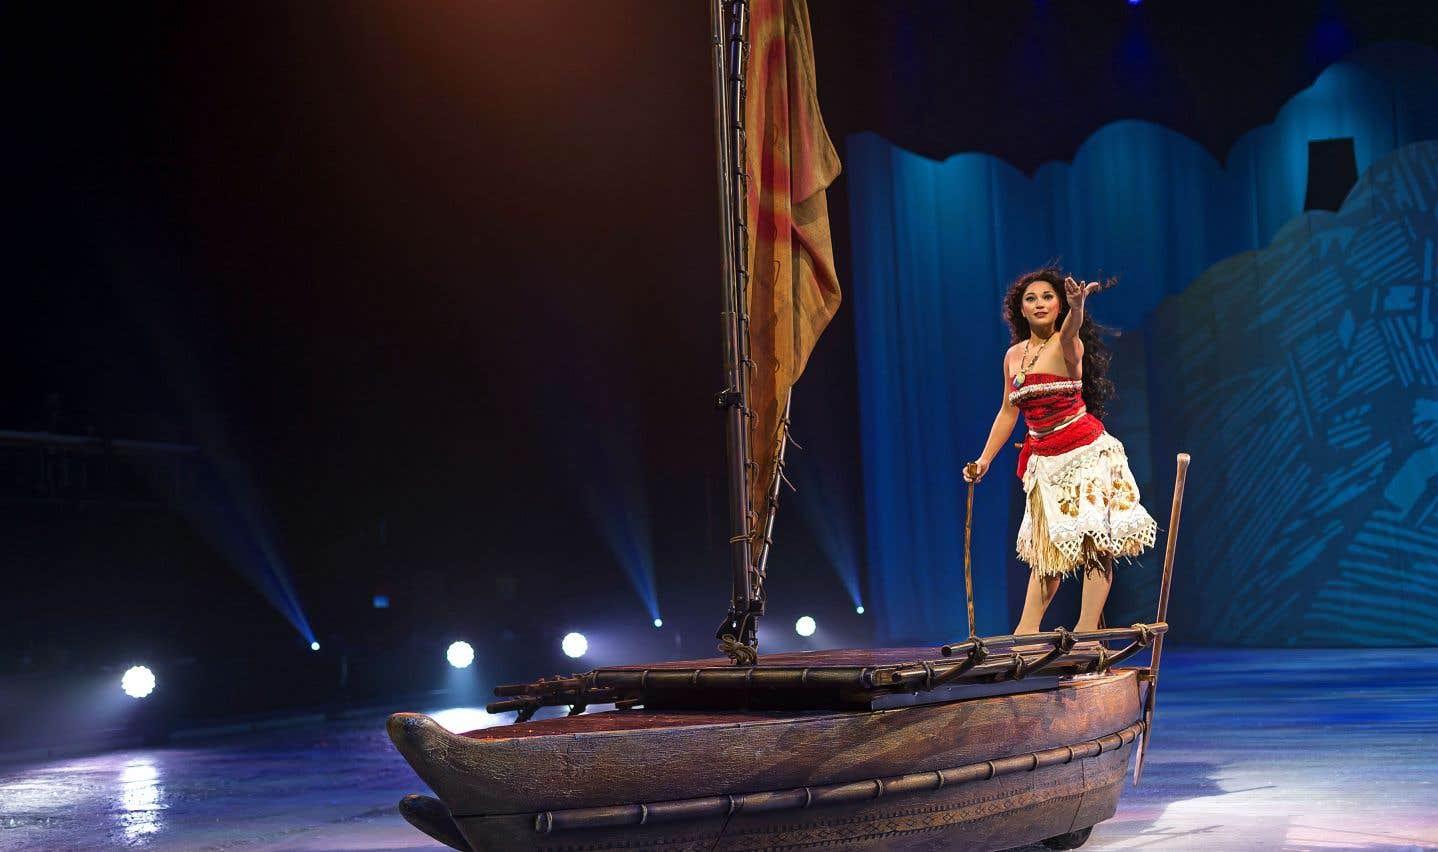 En plein cœur de la semaine de relâche, du 7 au 11mars, le Centre Bell accueillera le traditionnel spectacle de patinage artistique de Disney sur glace intitulé «Osez rêver».